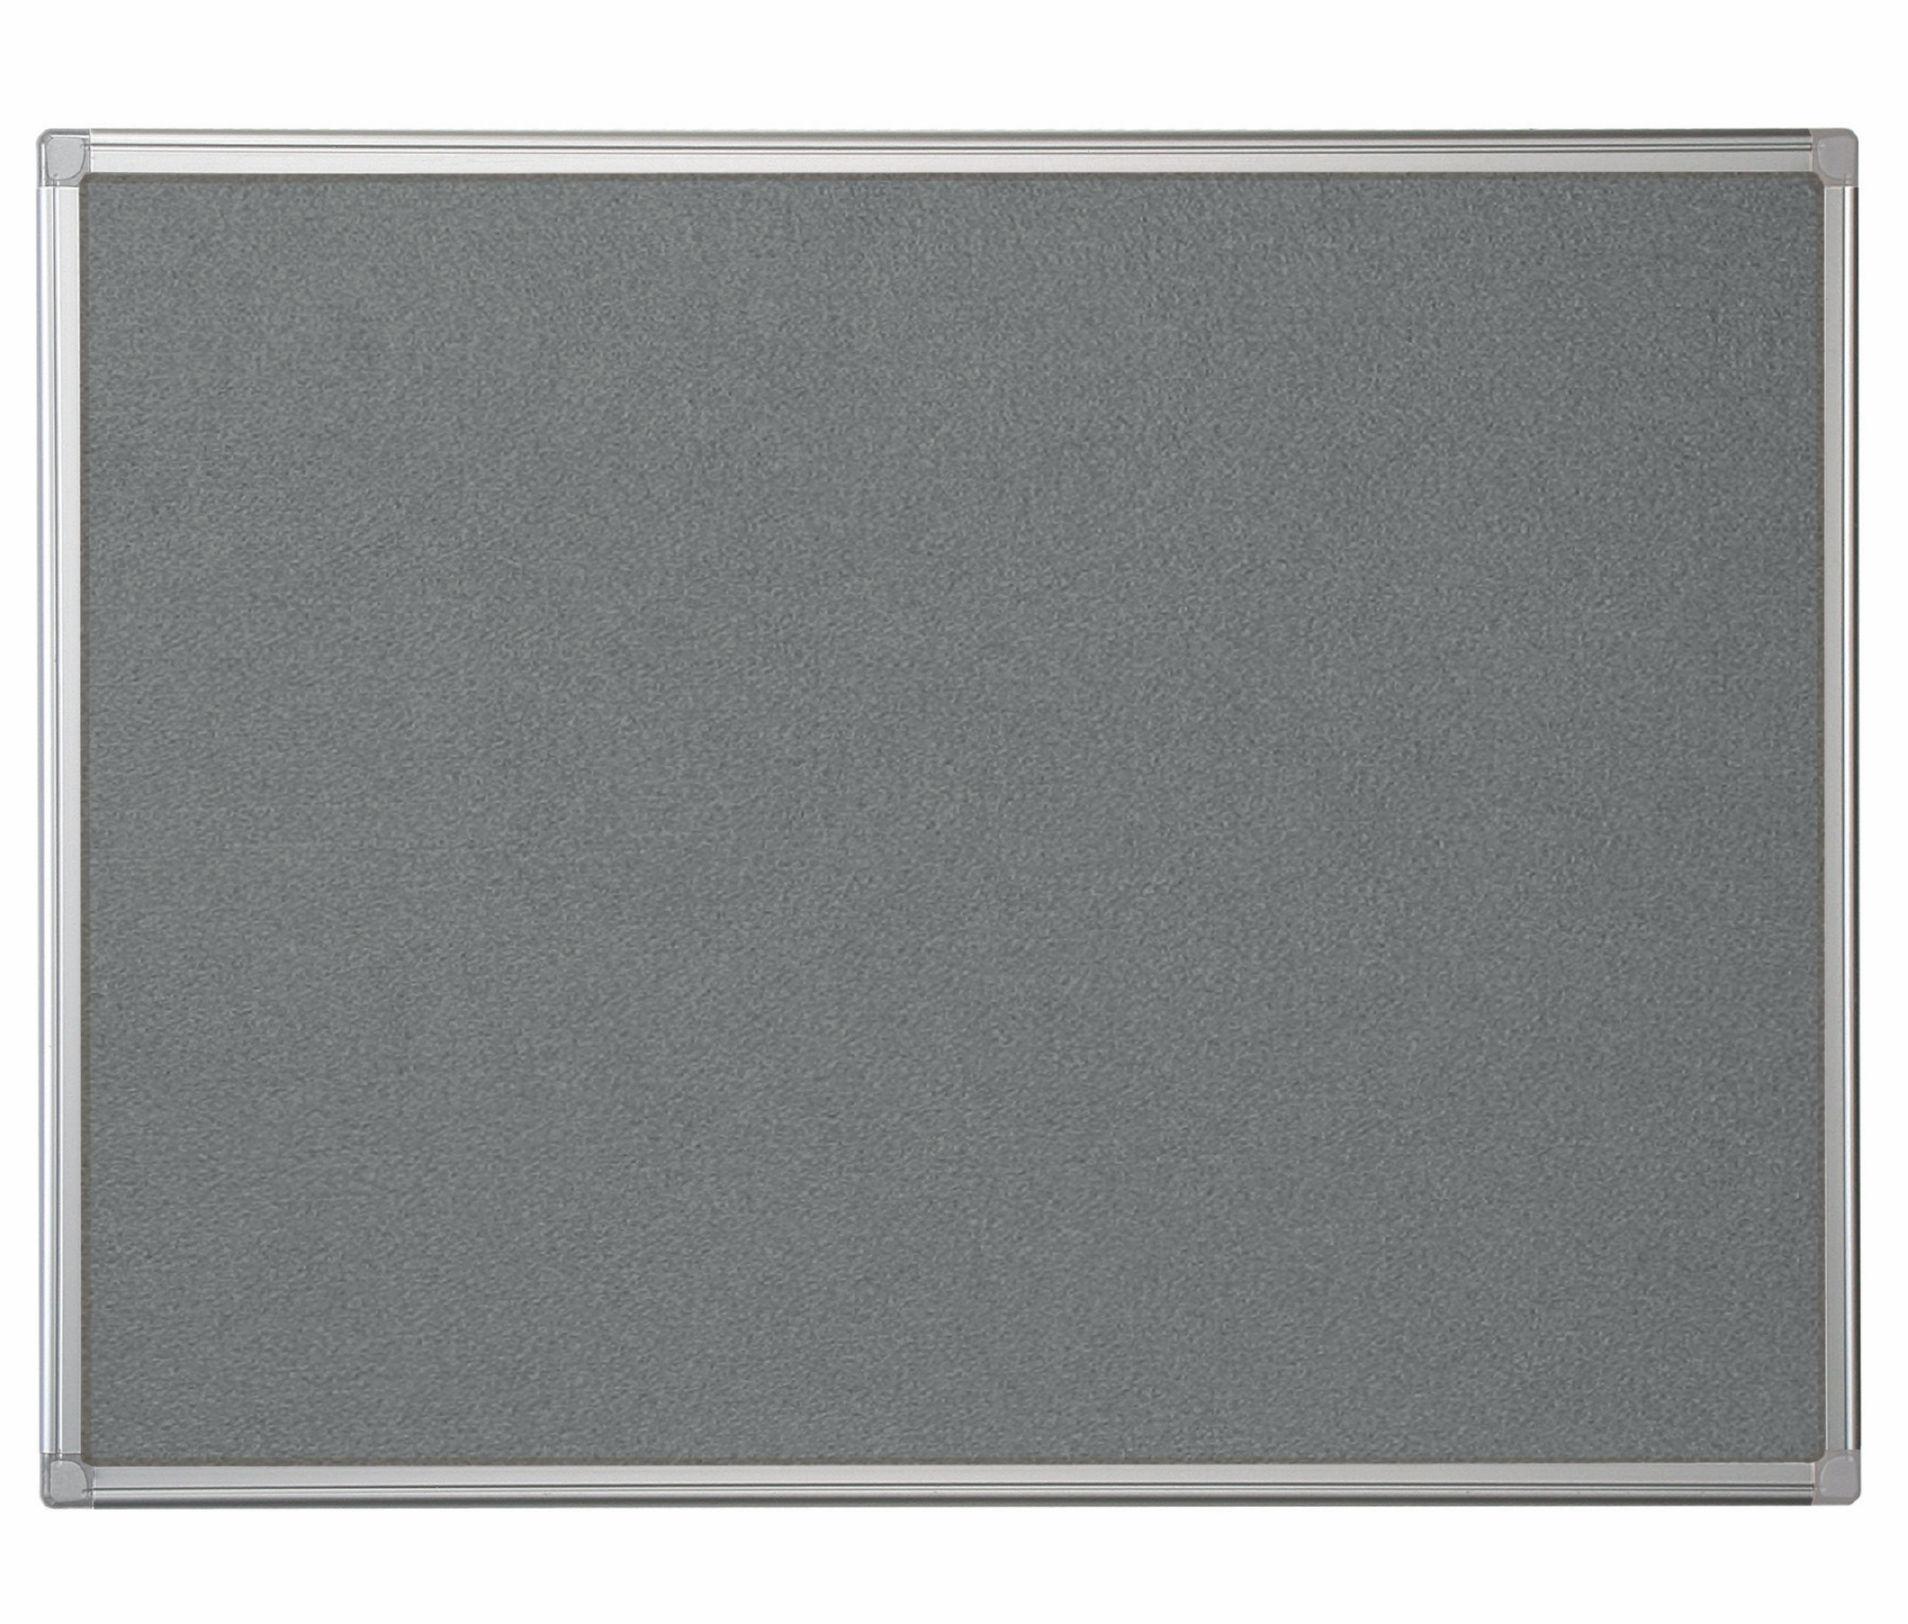 Felt Bi-Office Maya Grey Felt Ntcbrd Alu Frame 240x120cm